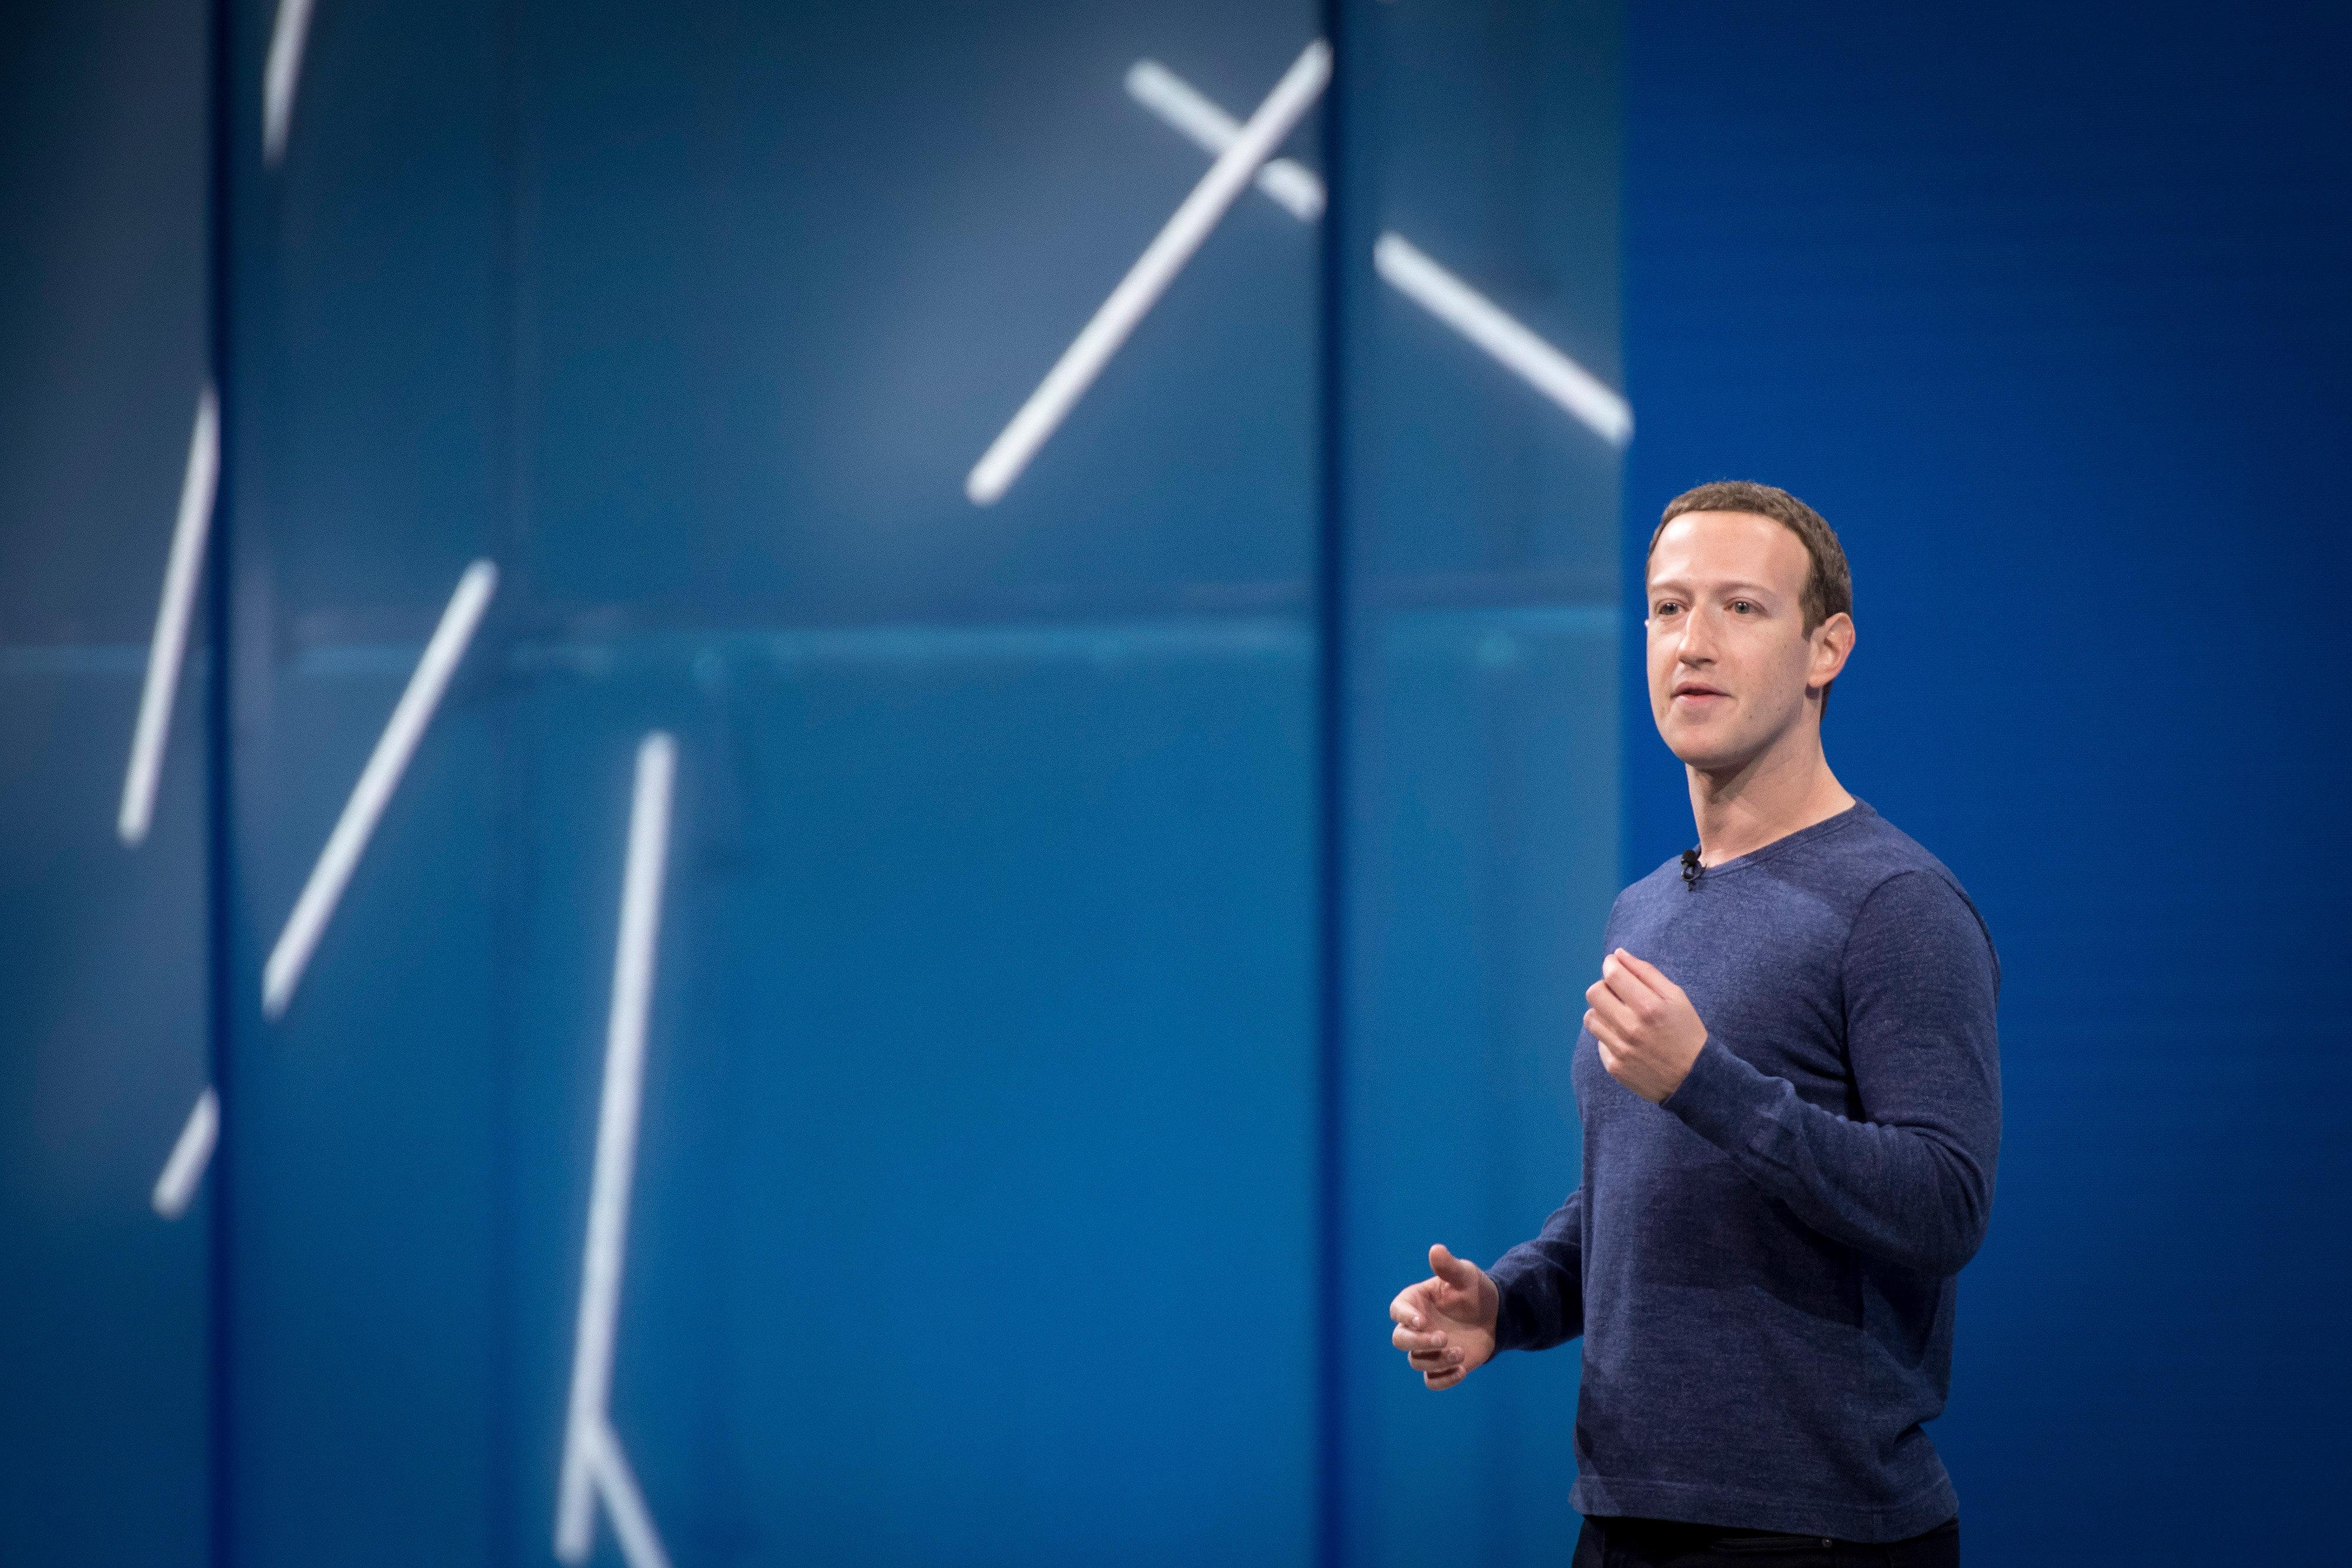 Facebook weigert sich, Beiträge von Holocaust-Leugnern zu löschen – mit einer absurden